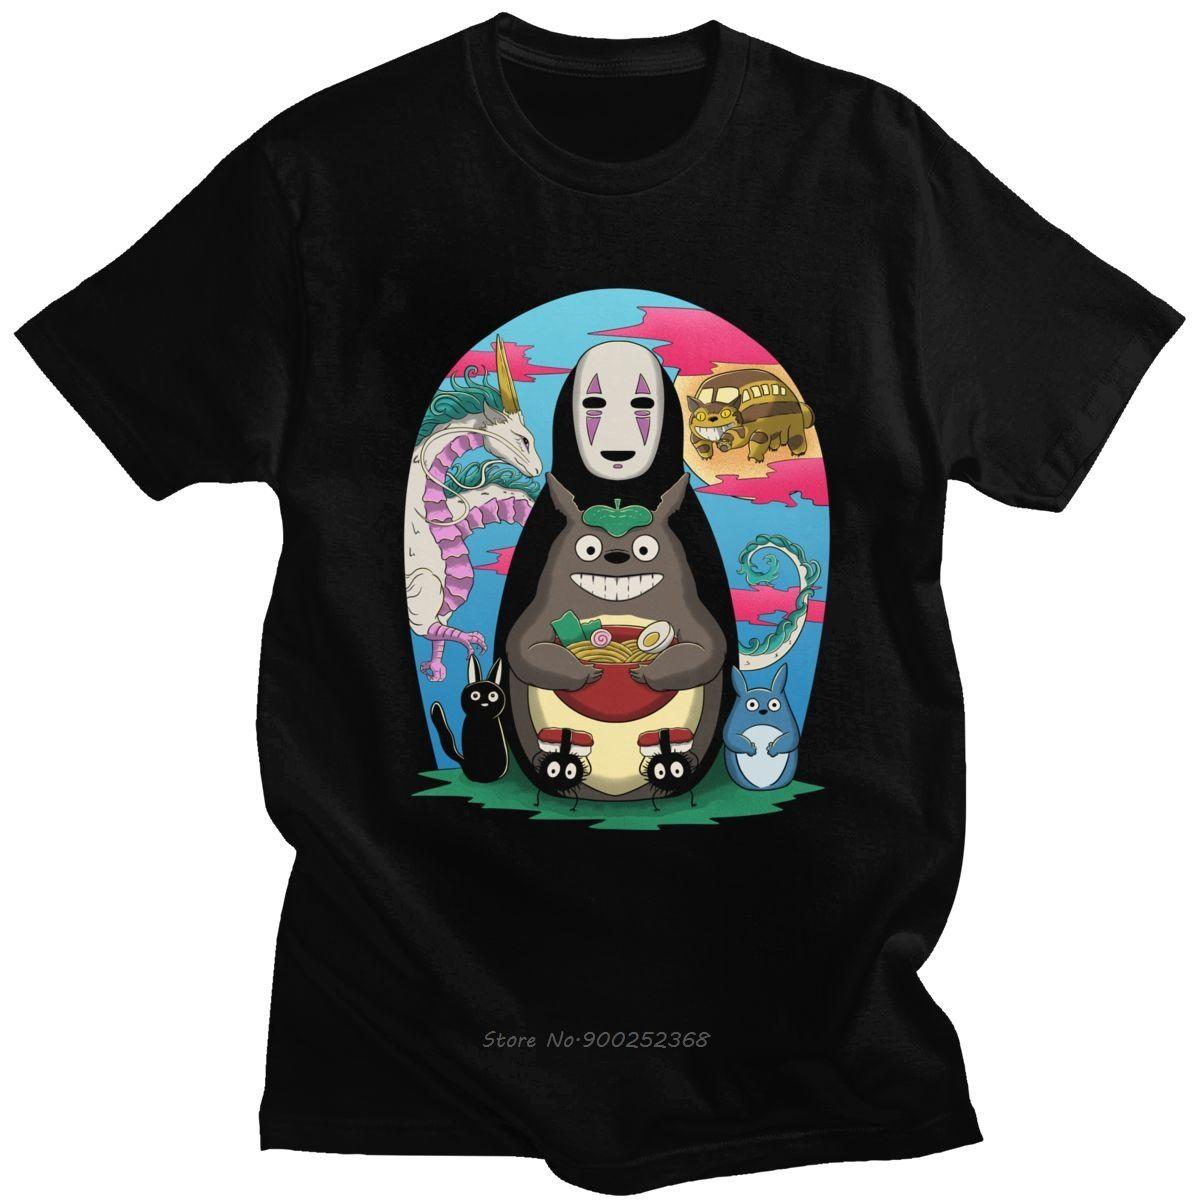 Classic Il mio vicino Totoro maglietta Uomini Maniche corte Miyazaki Hayao Top giapponese Animazione maglietta del cotone Tee Shirt Harajuku